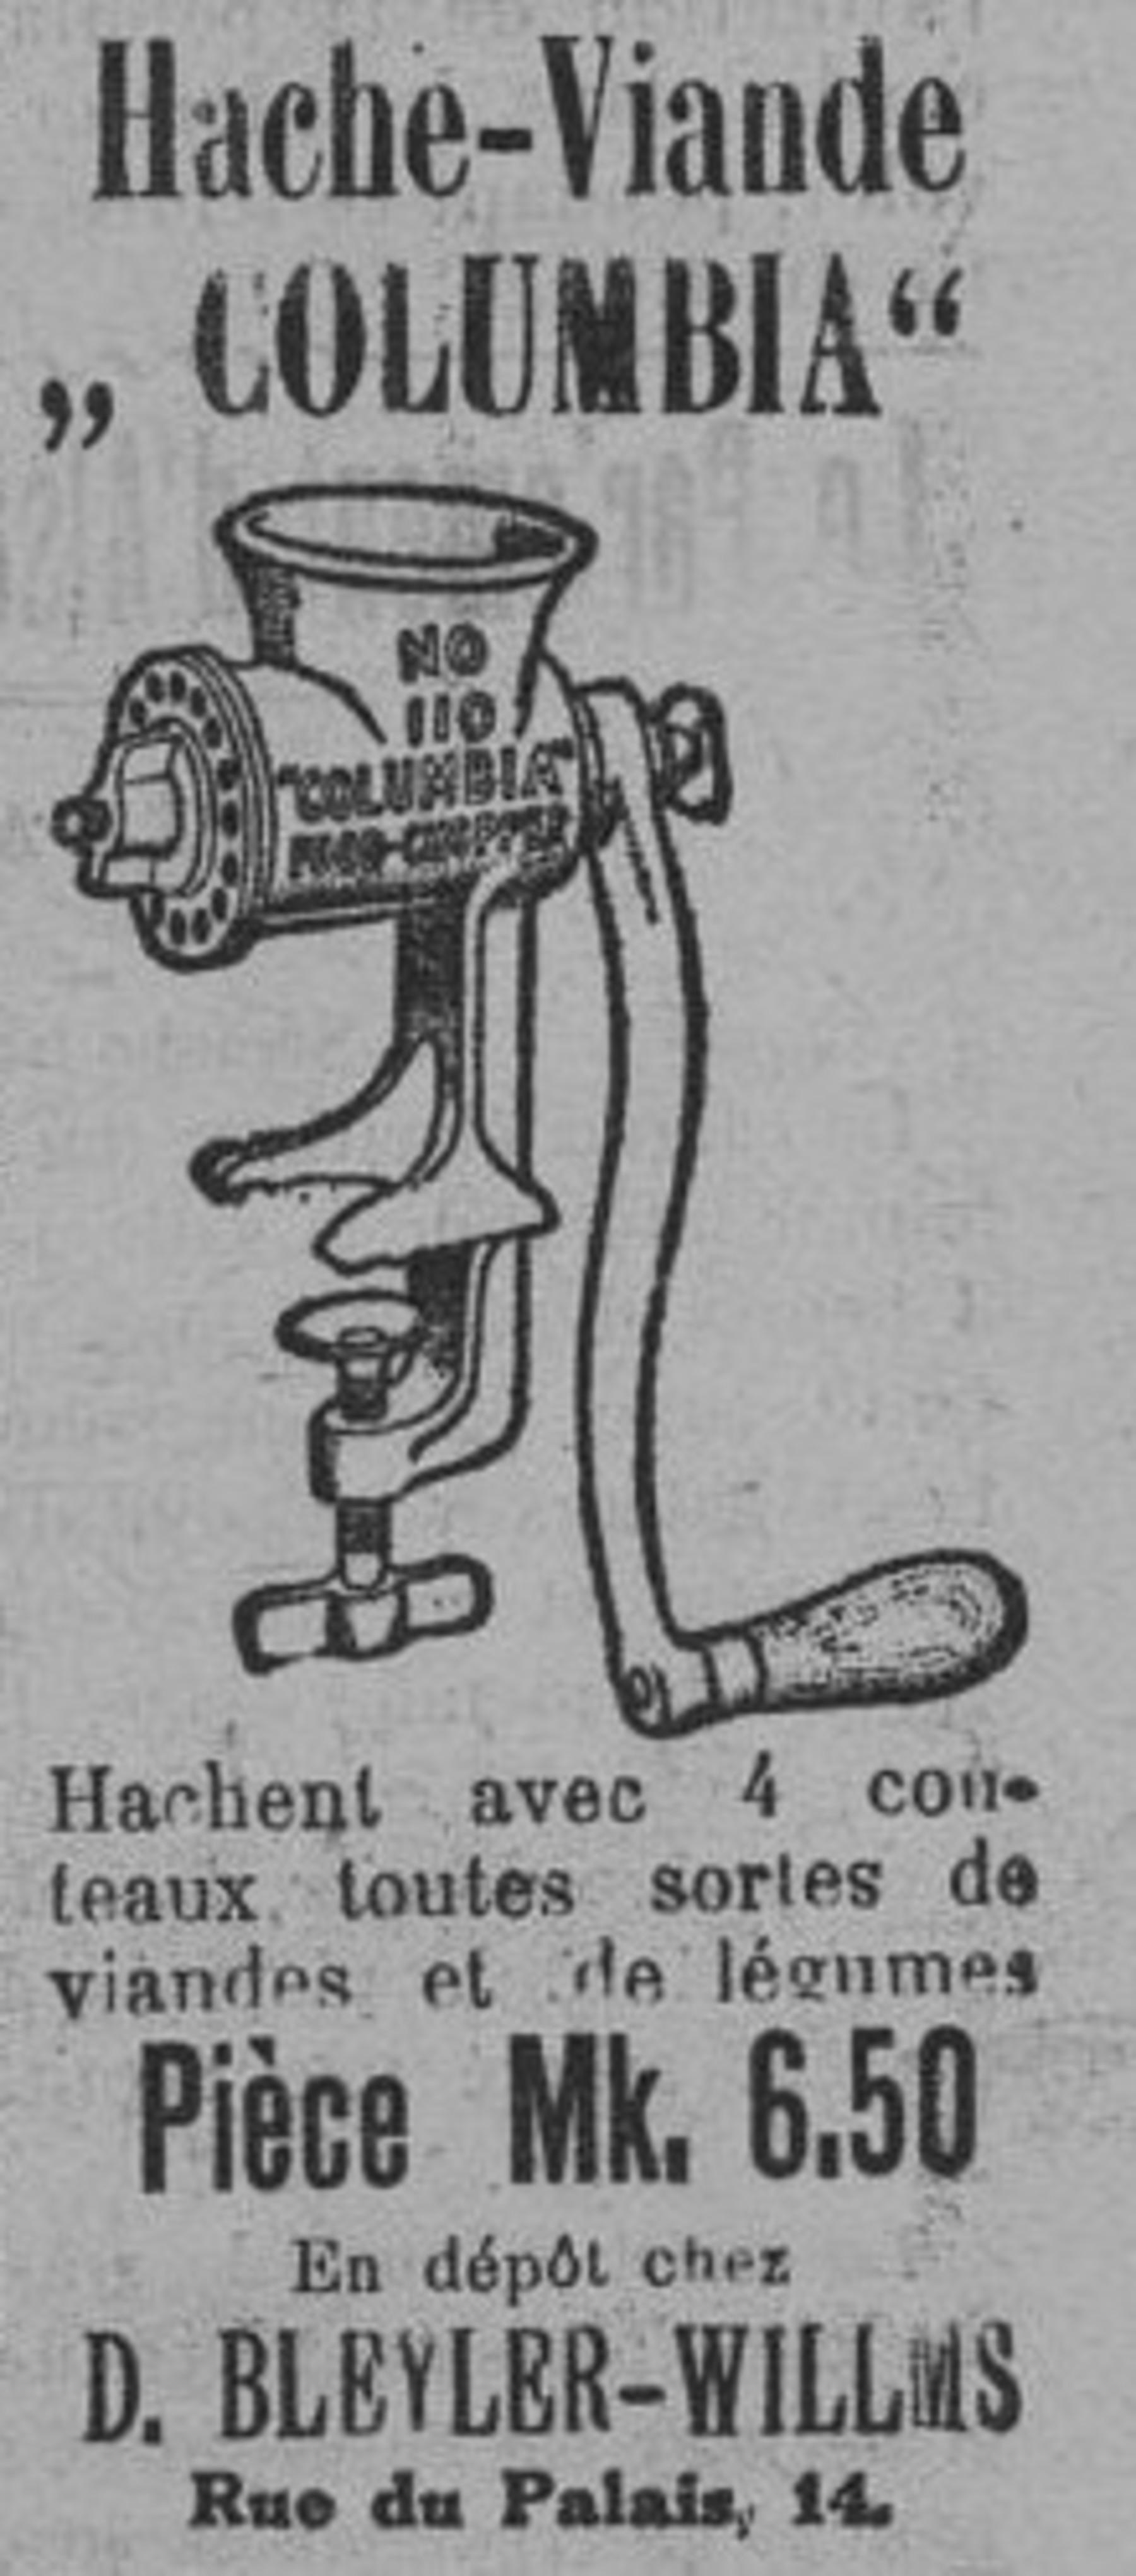 Contenu du Hache-Viande «Columbia»